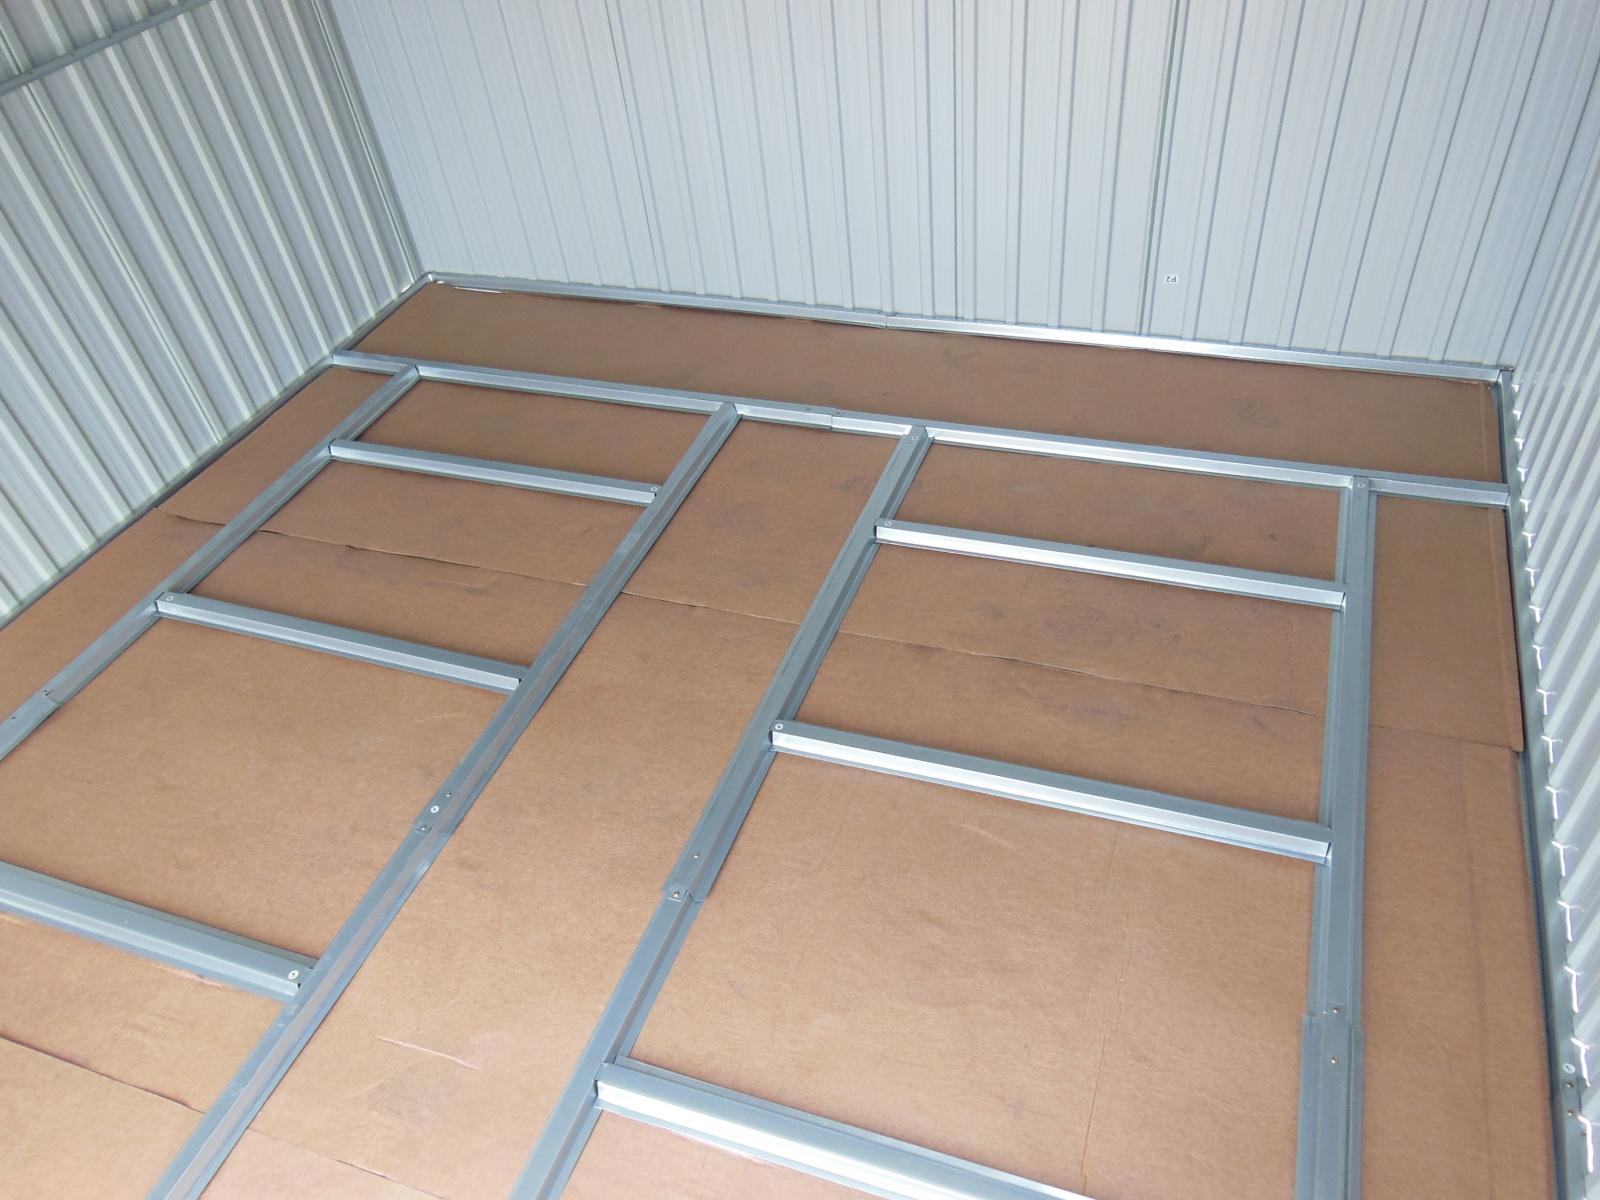 podlahová základnaLANITPLAST LANITSTORAGE 8x10